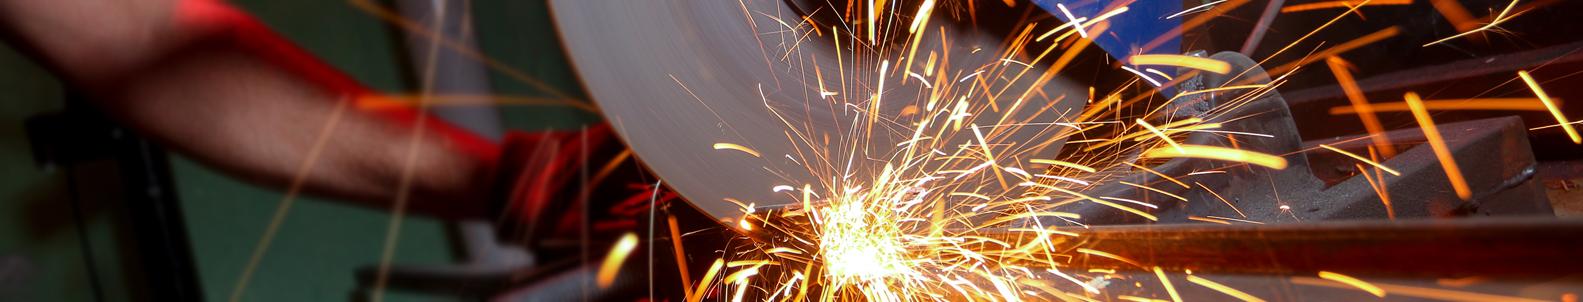 Metalo pjovimo staklės  Pažangios, aukštos kokybės pjovimo staklės